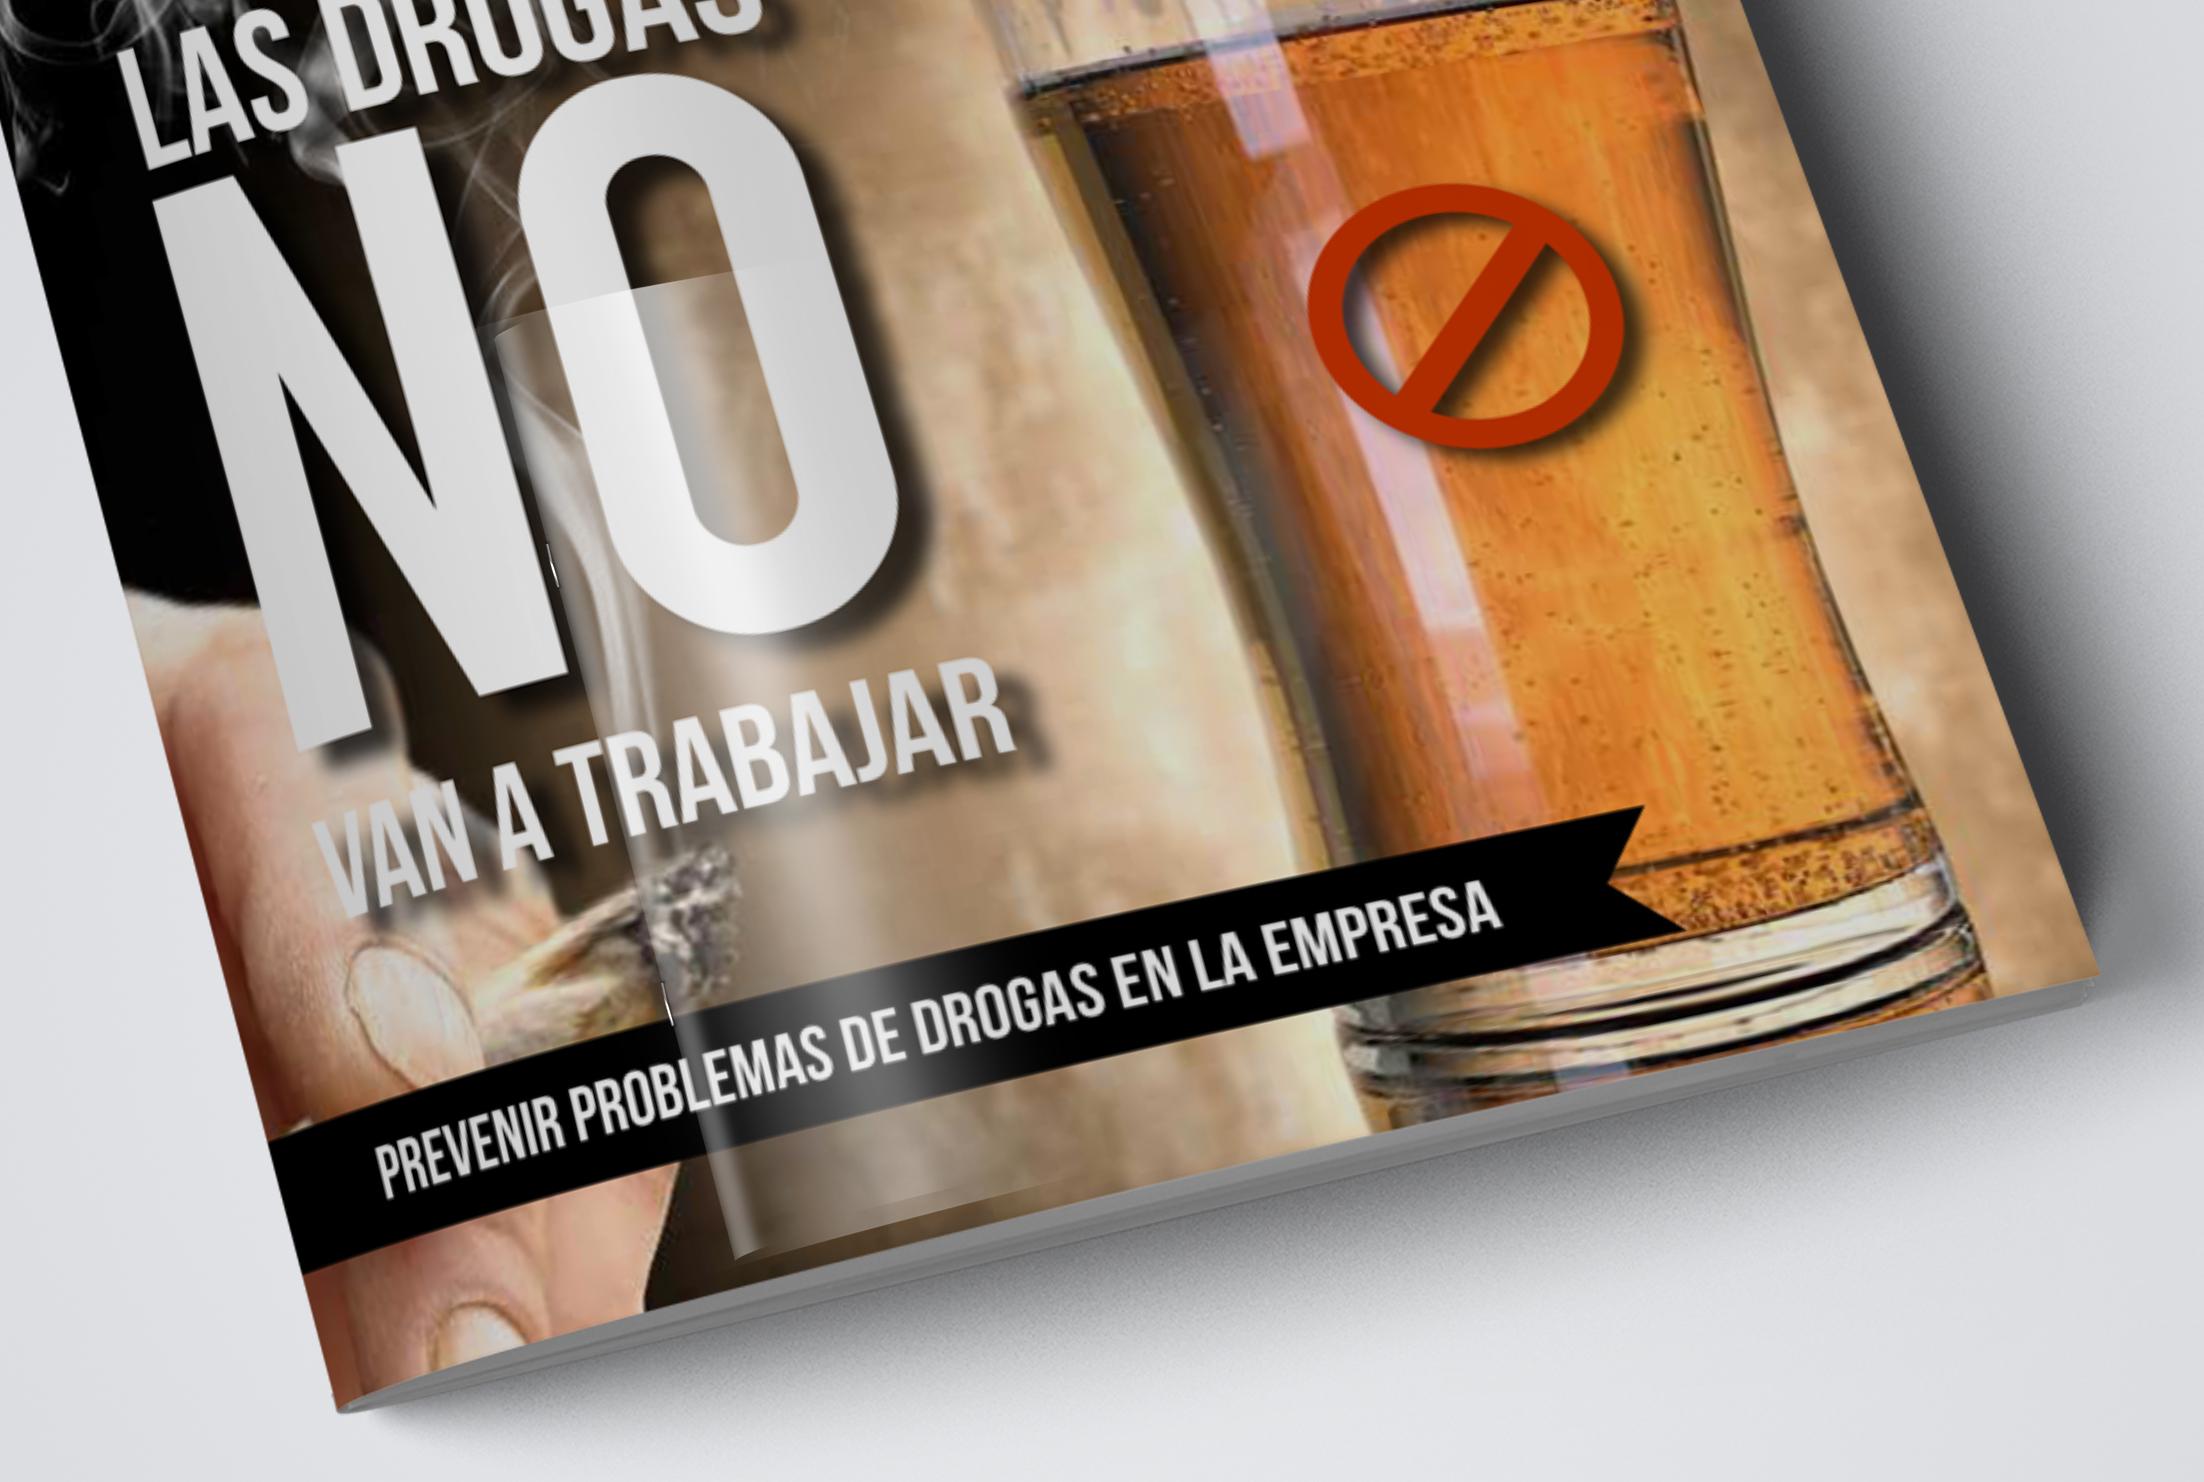 GAPPA librillo prebención de drogas en el trabajo